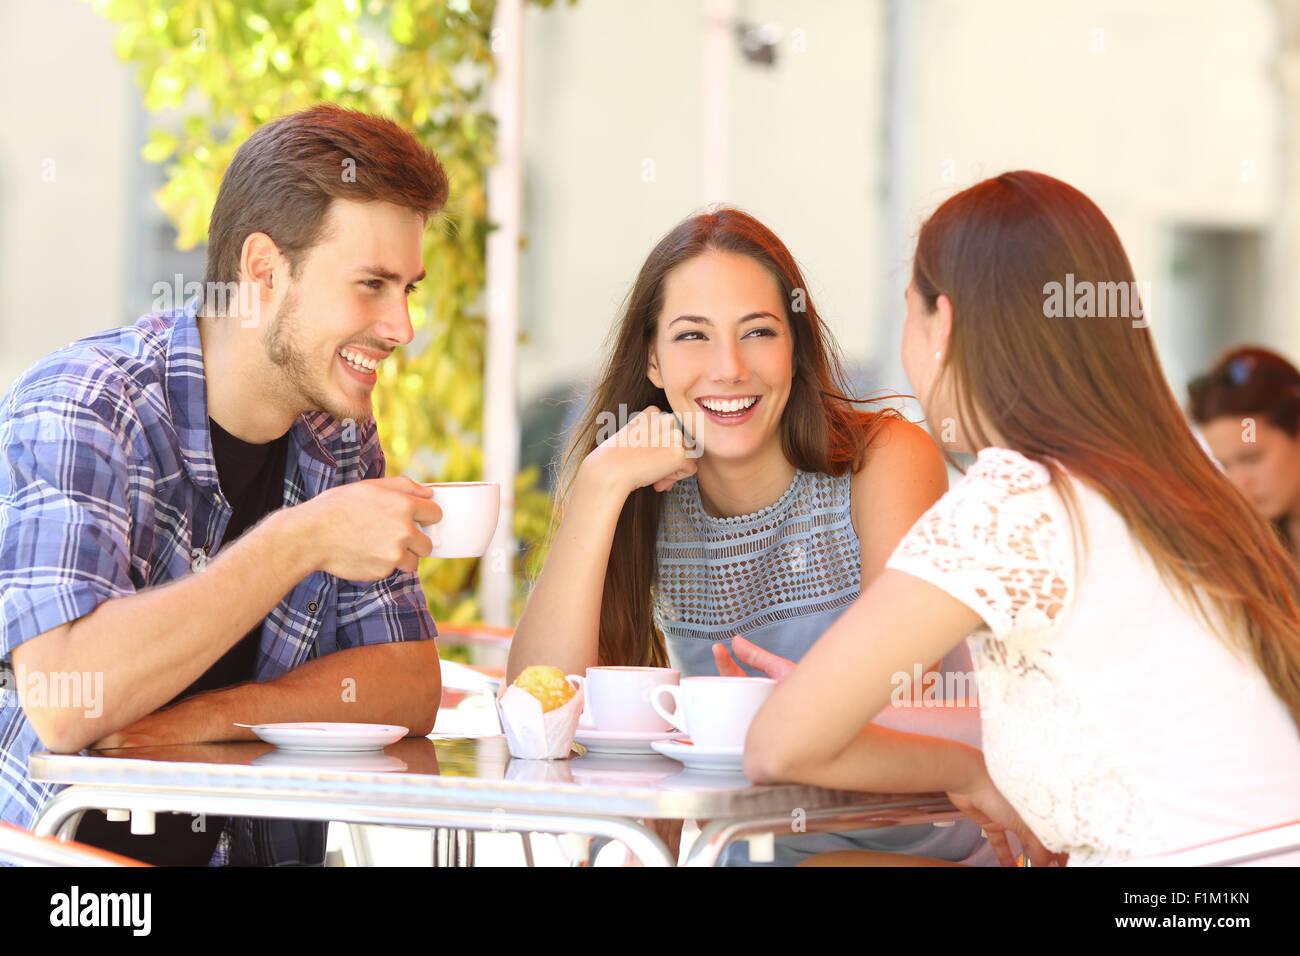 Drei glückliche Freunde reden und Lachen in einer Café-Terrasse Stockbild